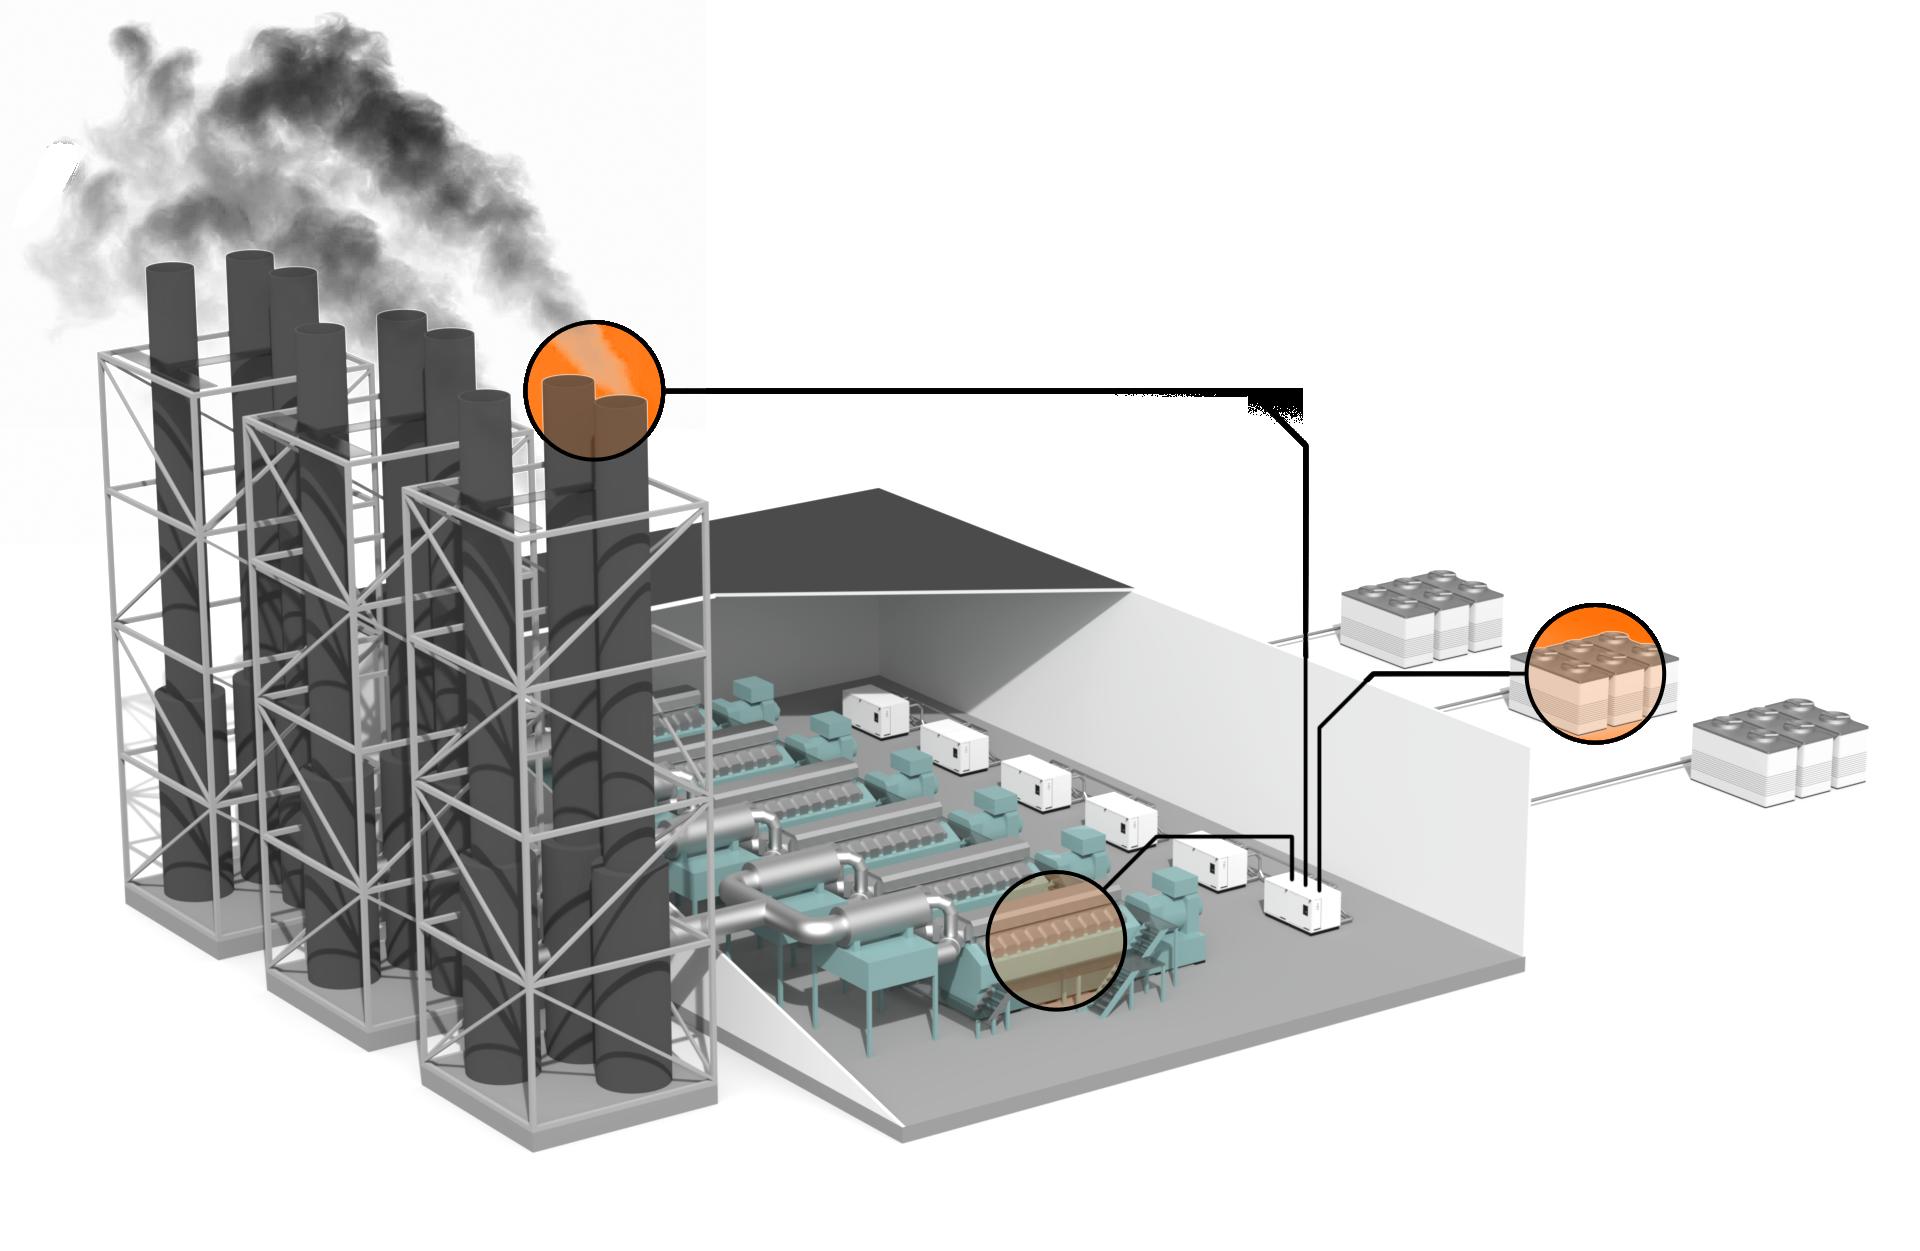 bk-power-plant-3-2-frilagd-utan-text